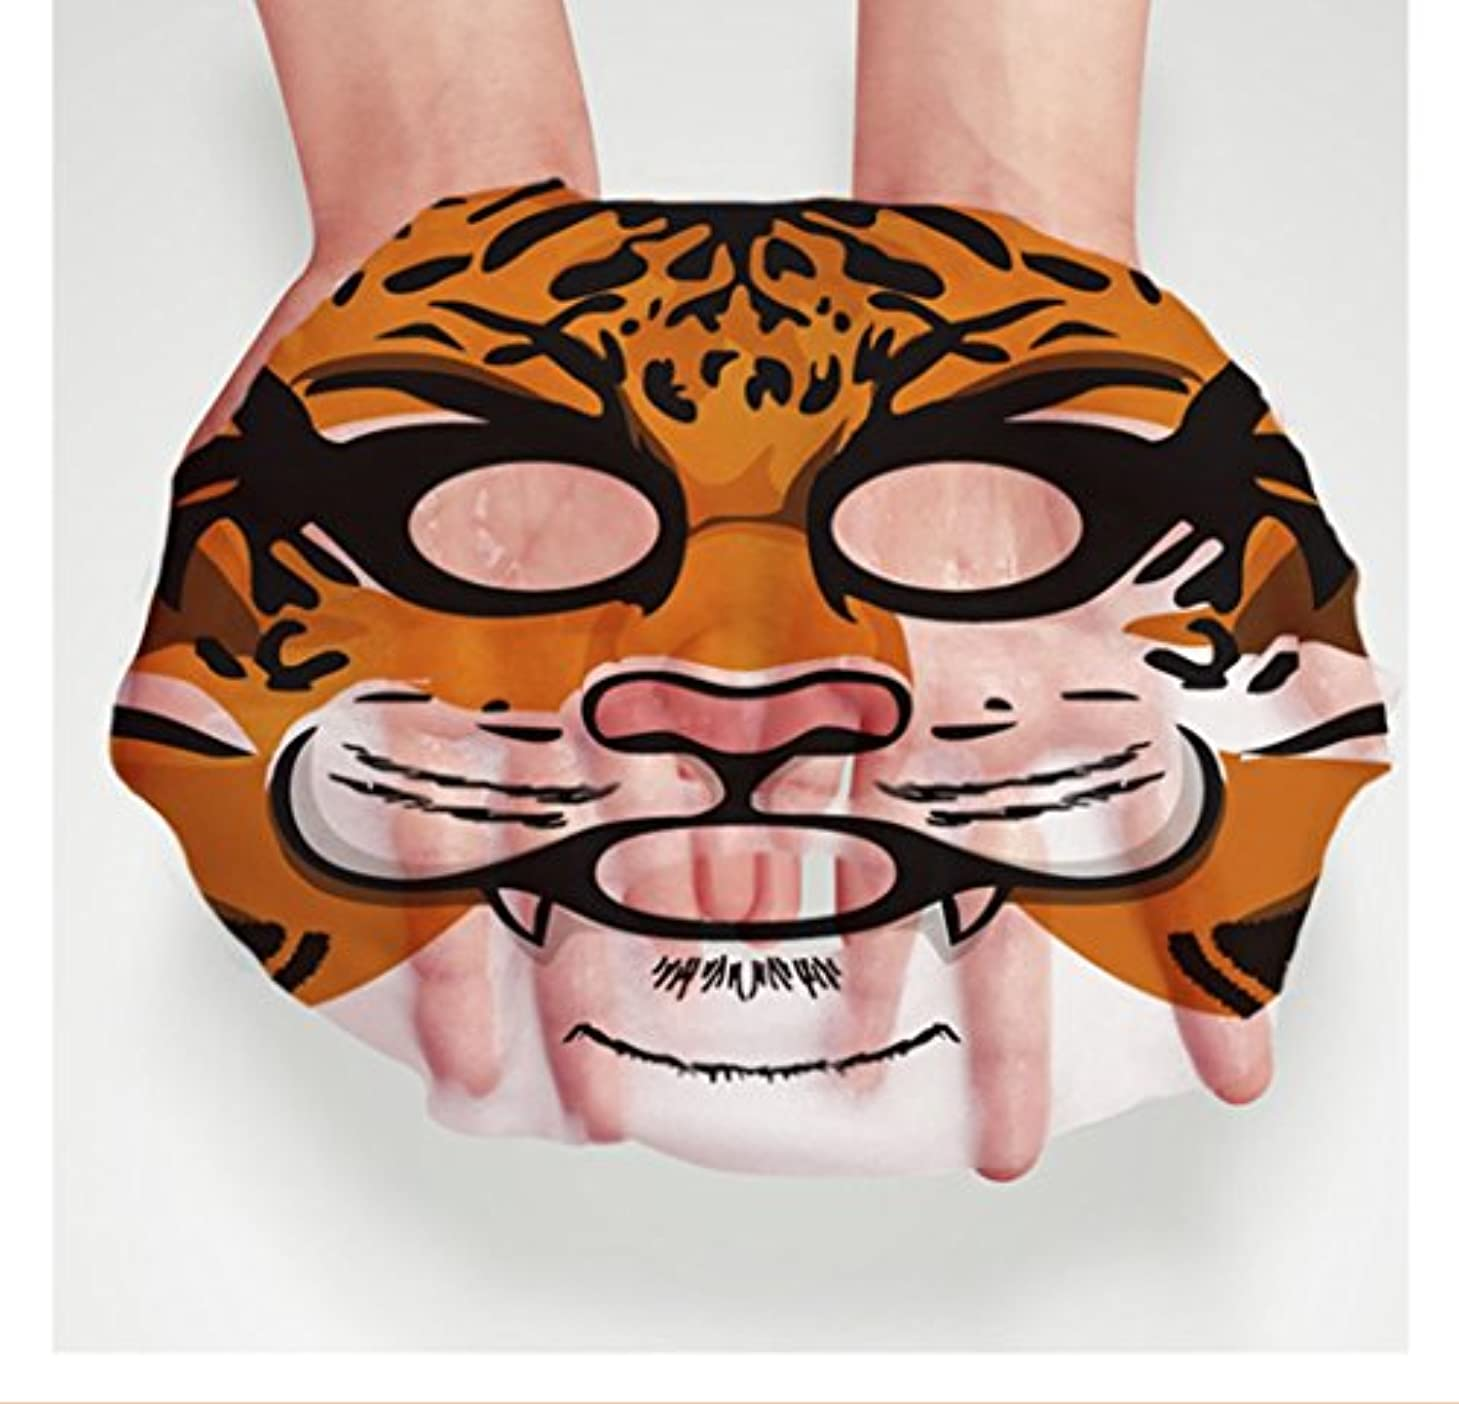 苦い生じるボルト動物フェイスパック FidgetFidget アニマルフェイシャルマスクロングラスティングモイスチャライジングナリッシュオイルコントロールフェイスケアタイガーマスク orange